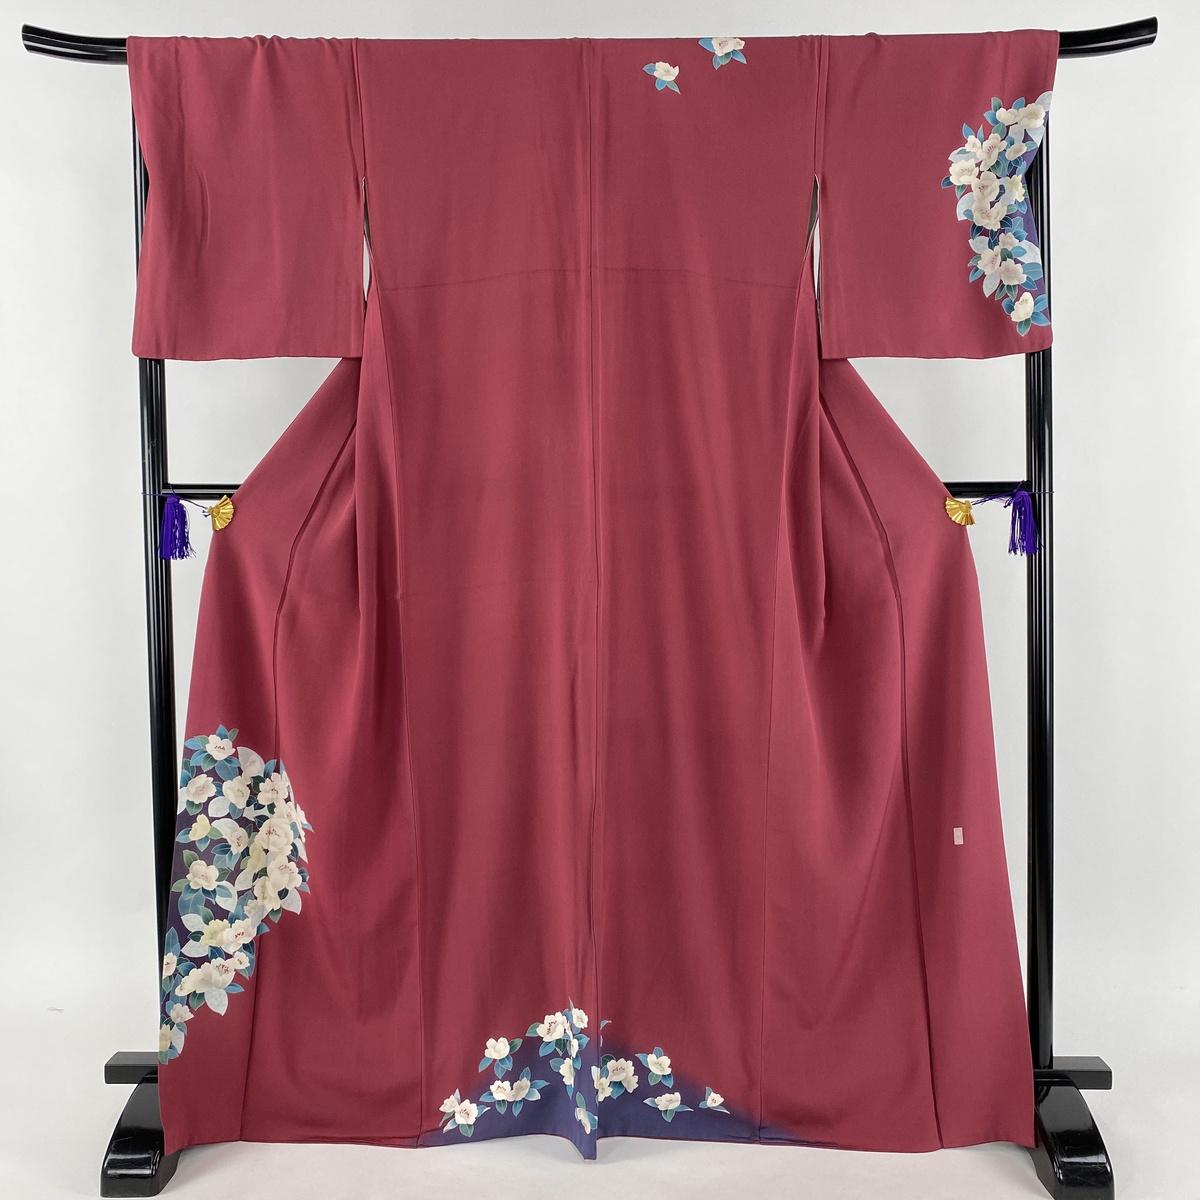 訪問着 秀品 落款あり 草花 染め分け 赤紫 袷 身丈168cm 裄丈69cm L 正絹 【中古】